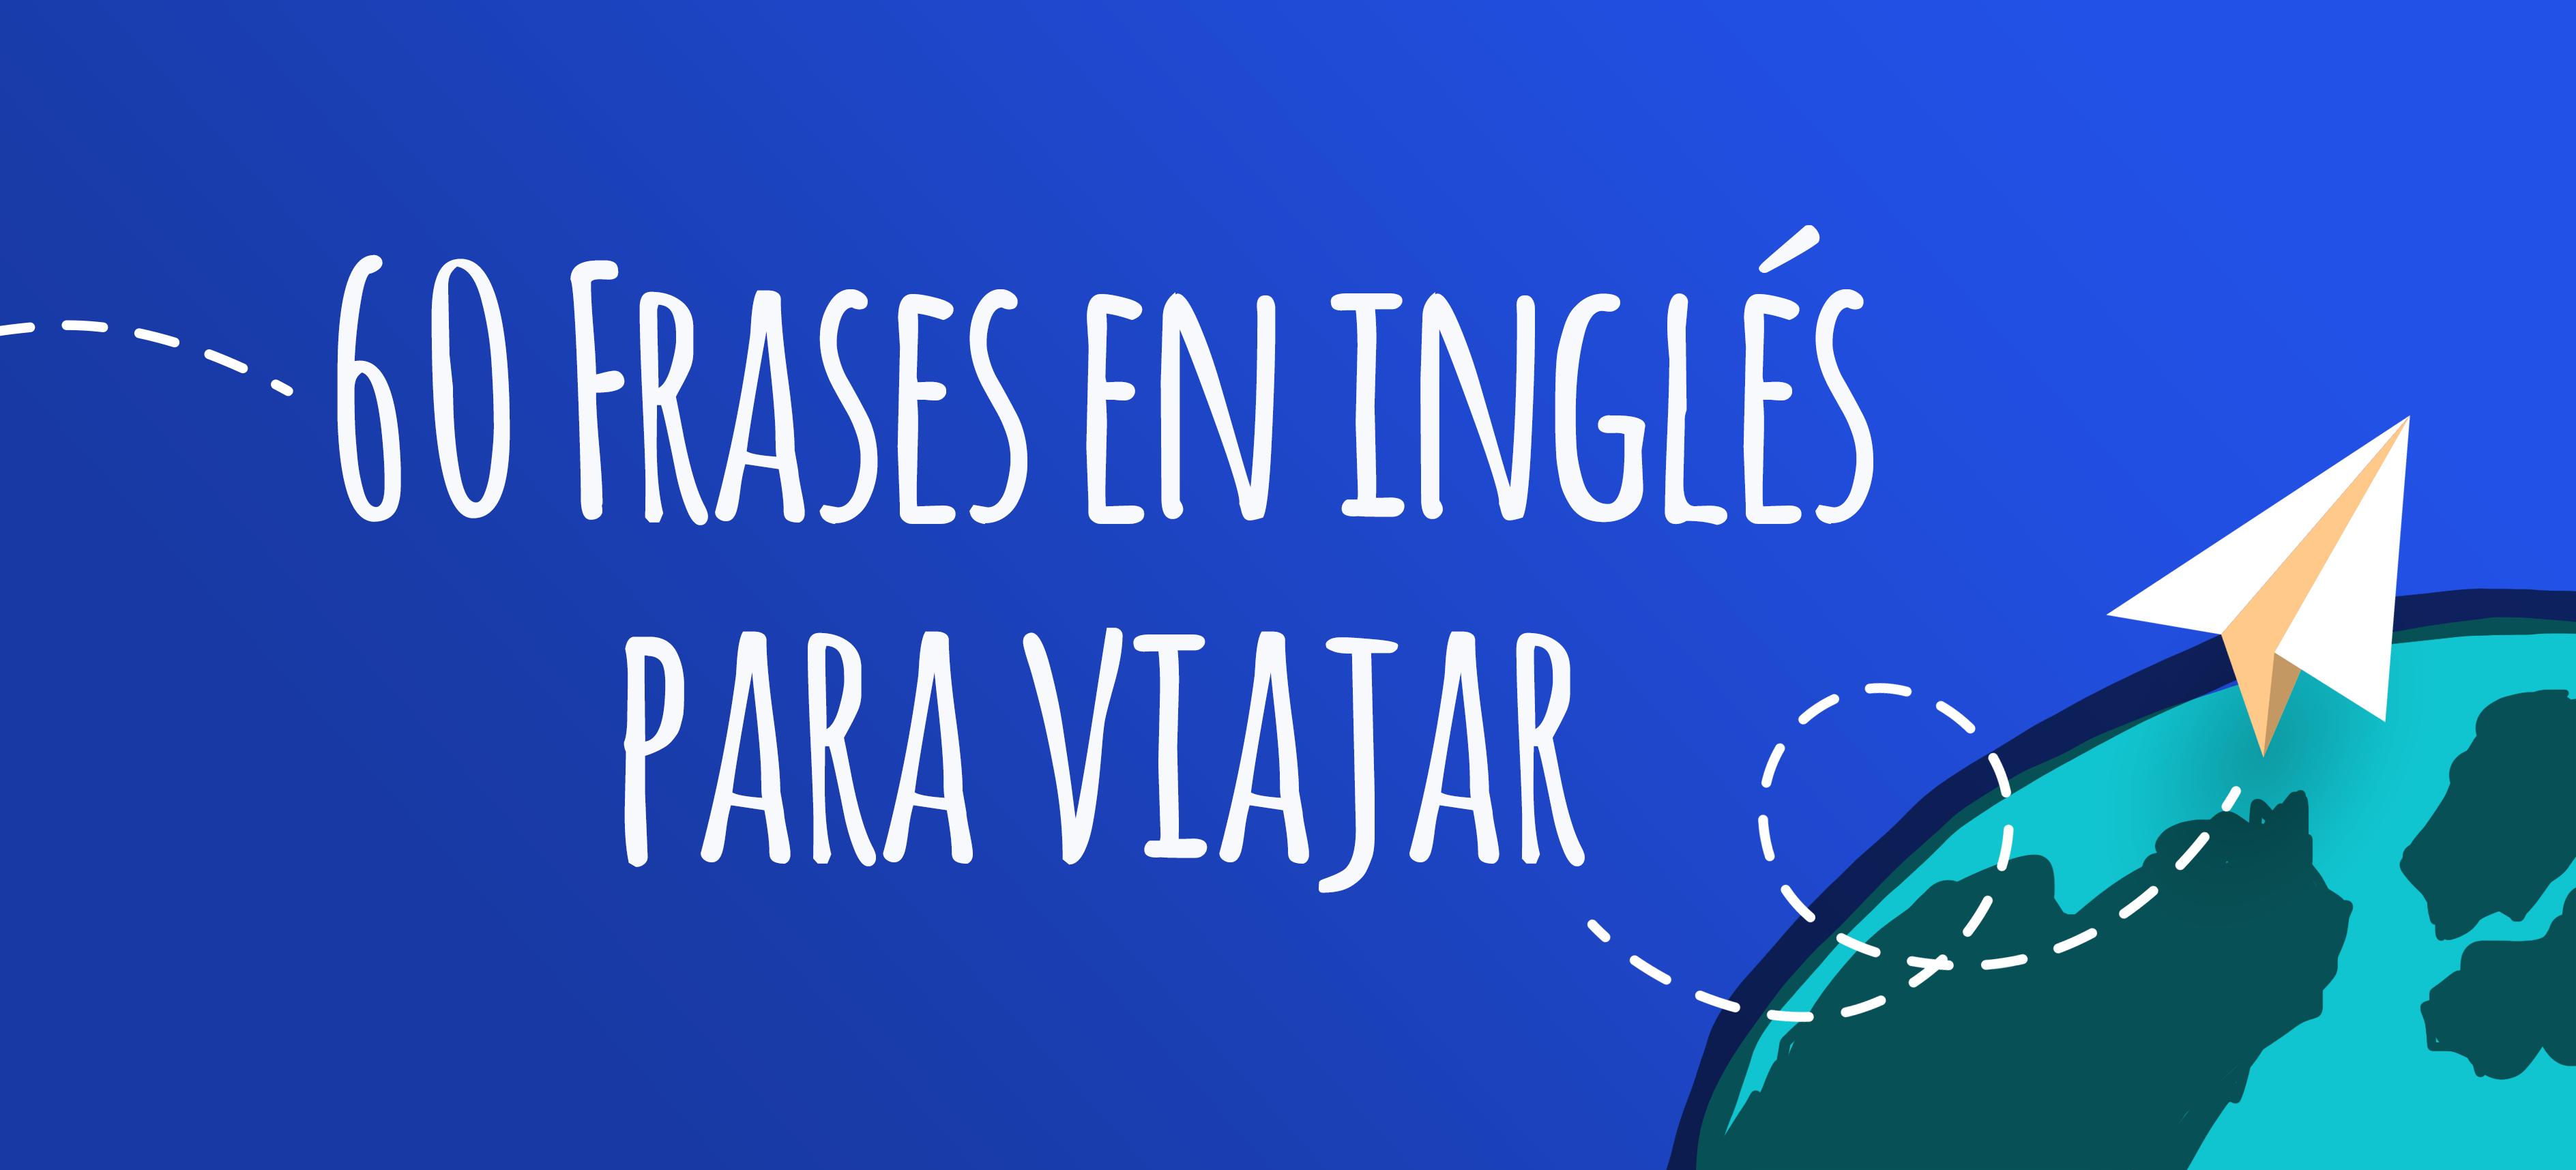 60 Frases En Ingles Para Viajar Elblogdeidiomas Es